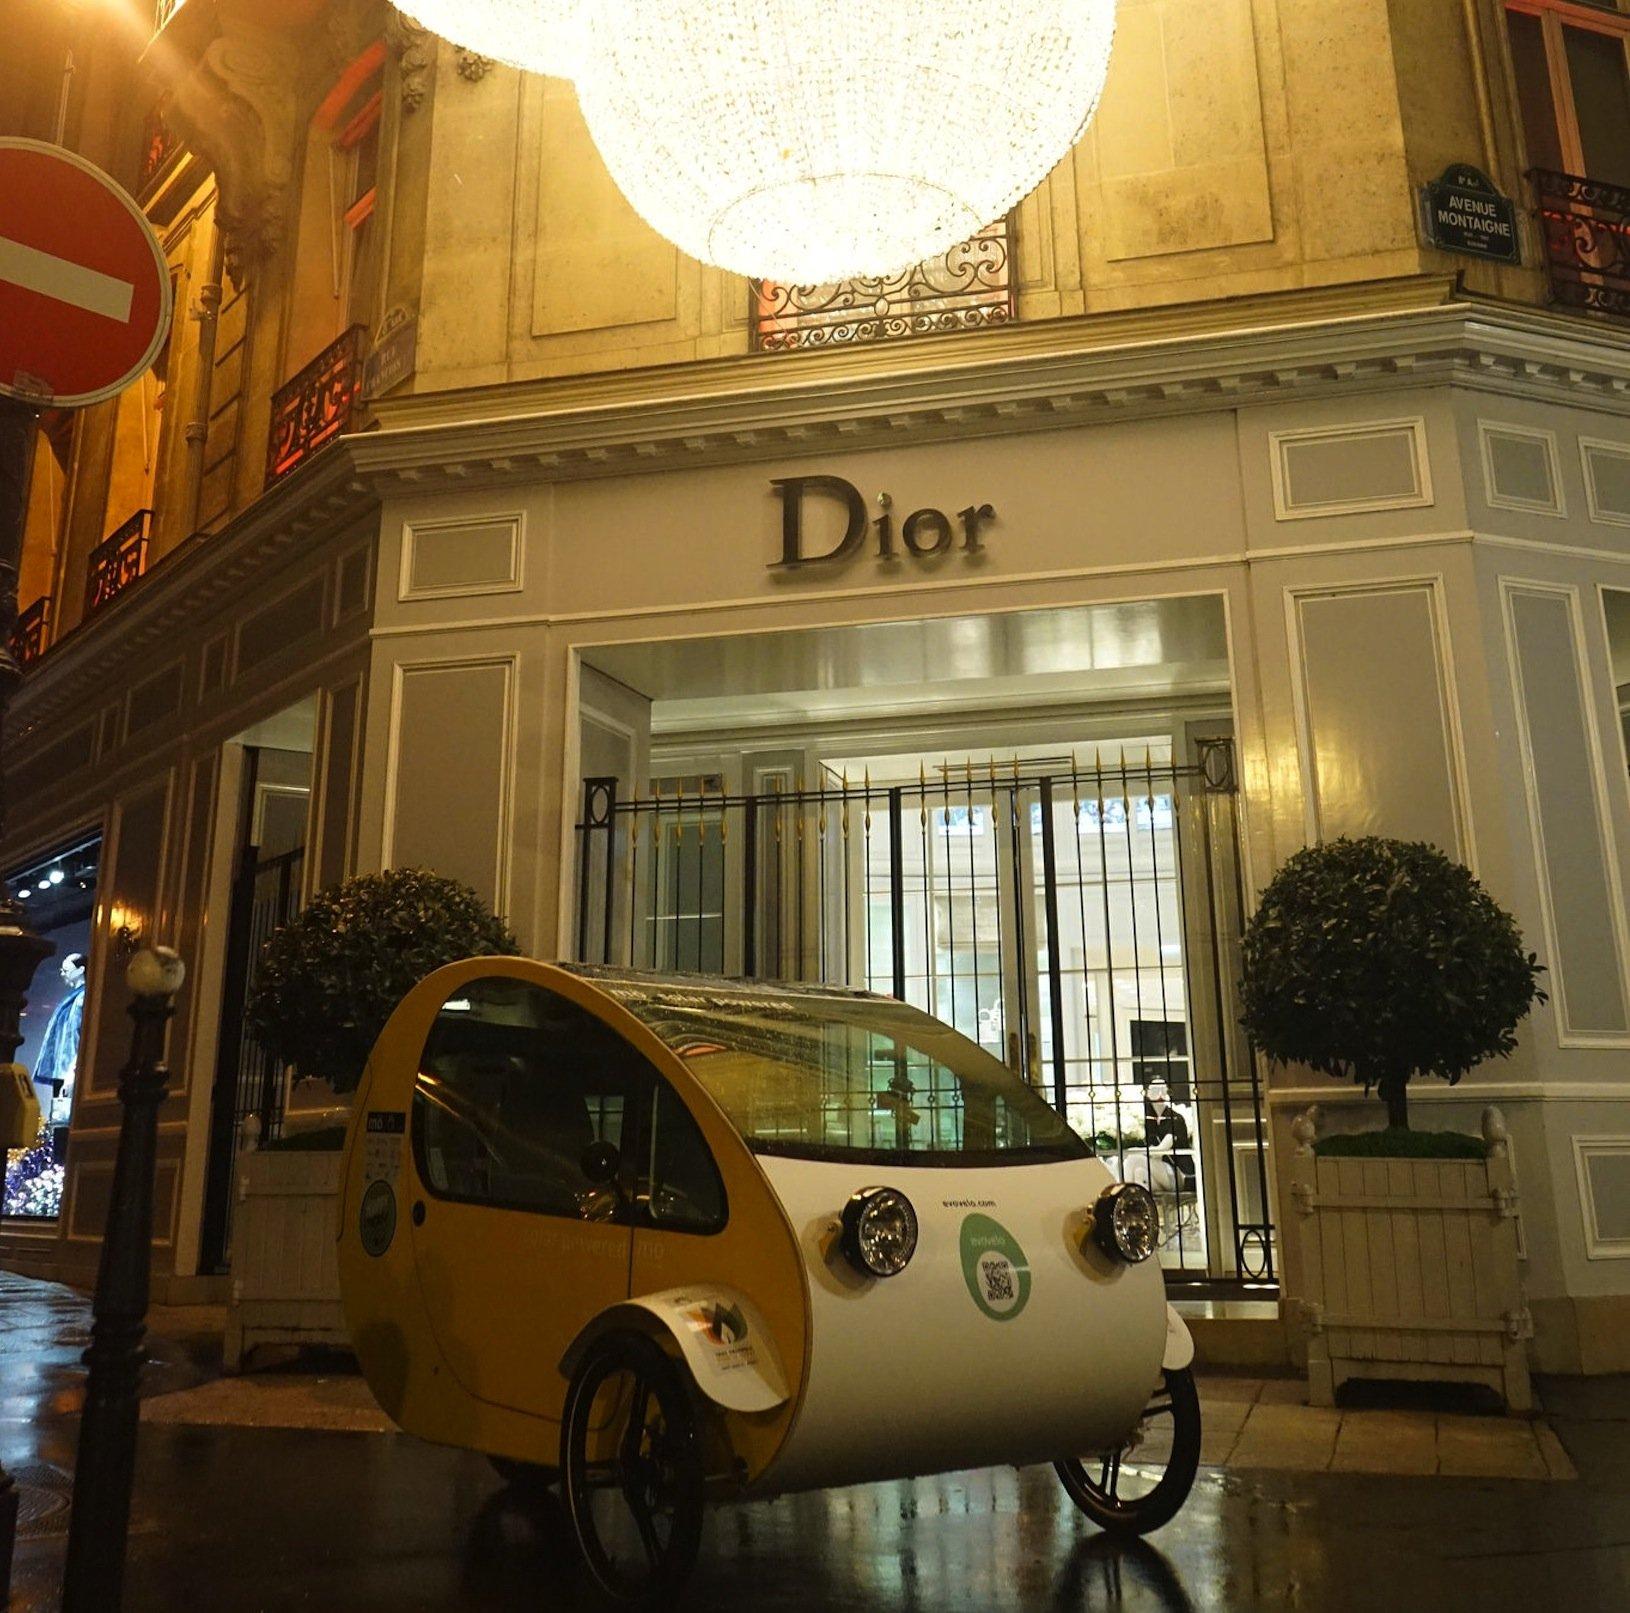 Warum sollte man mit einem Dreirad nicht auch bei Dior vorfahren?